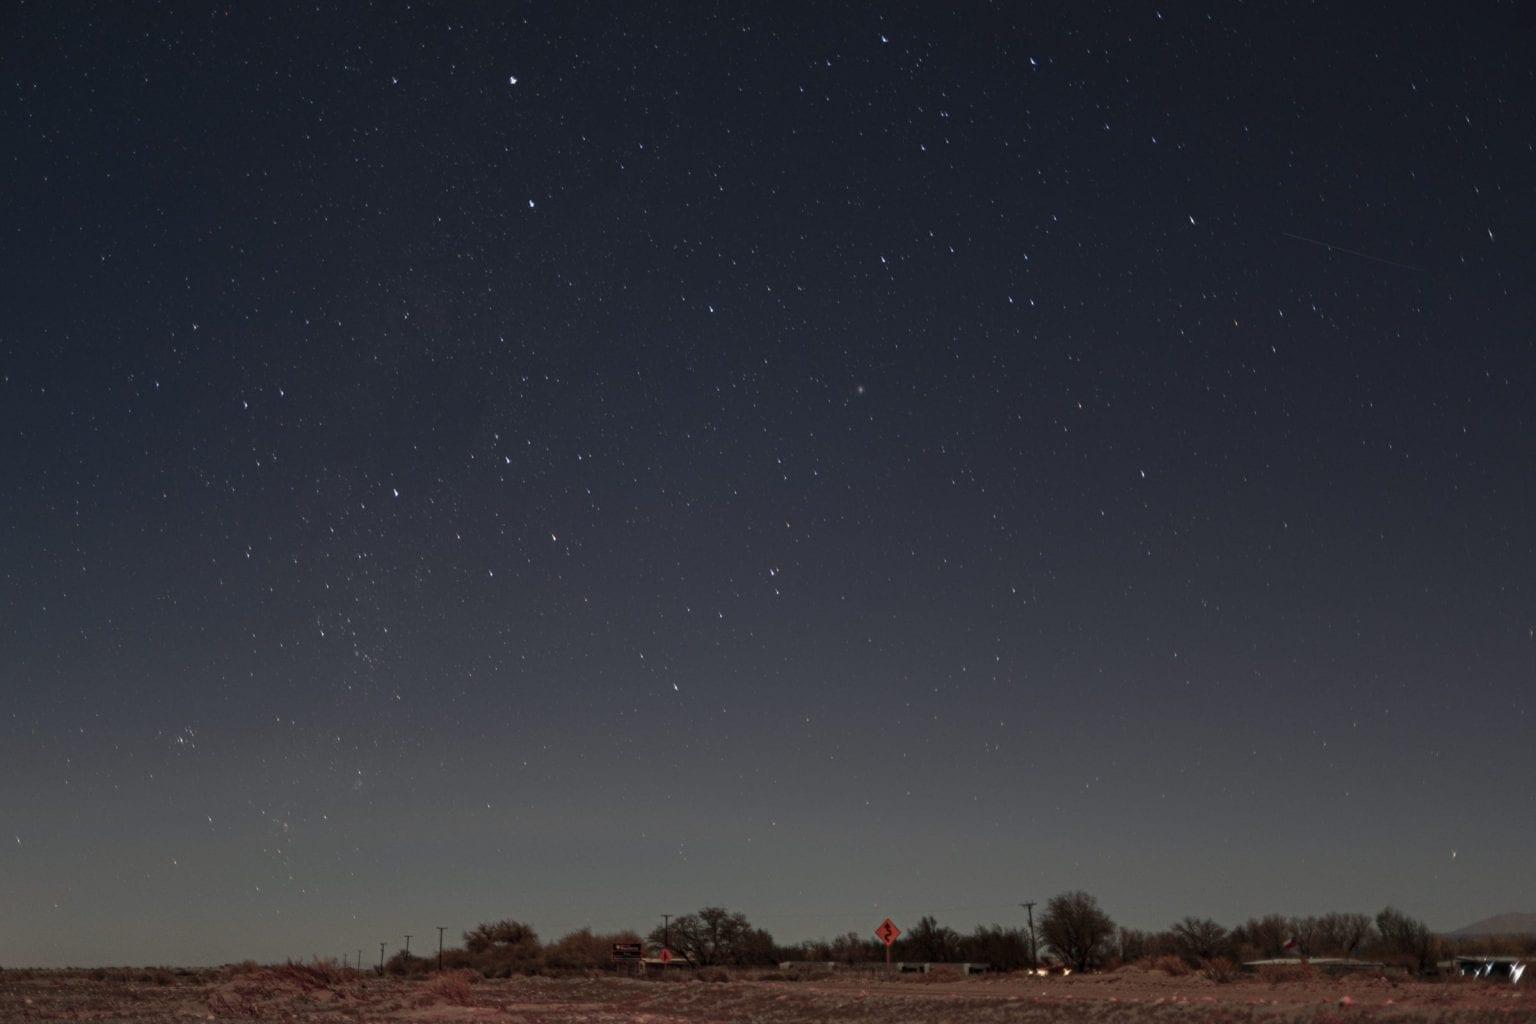 Atacama er et af jordens bedste steder at observere himmelrummet – blandt andet på grund af den lave mængde fugt og få skyer. Teleskoper fra hele verden er placeret i ørkenen.